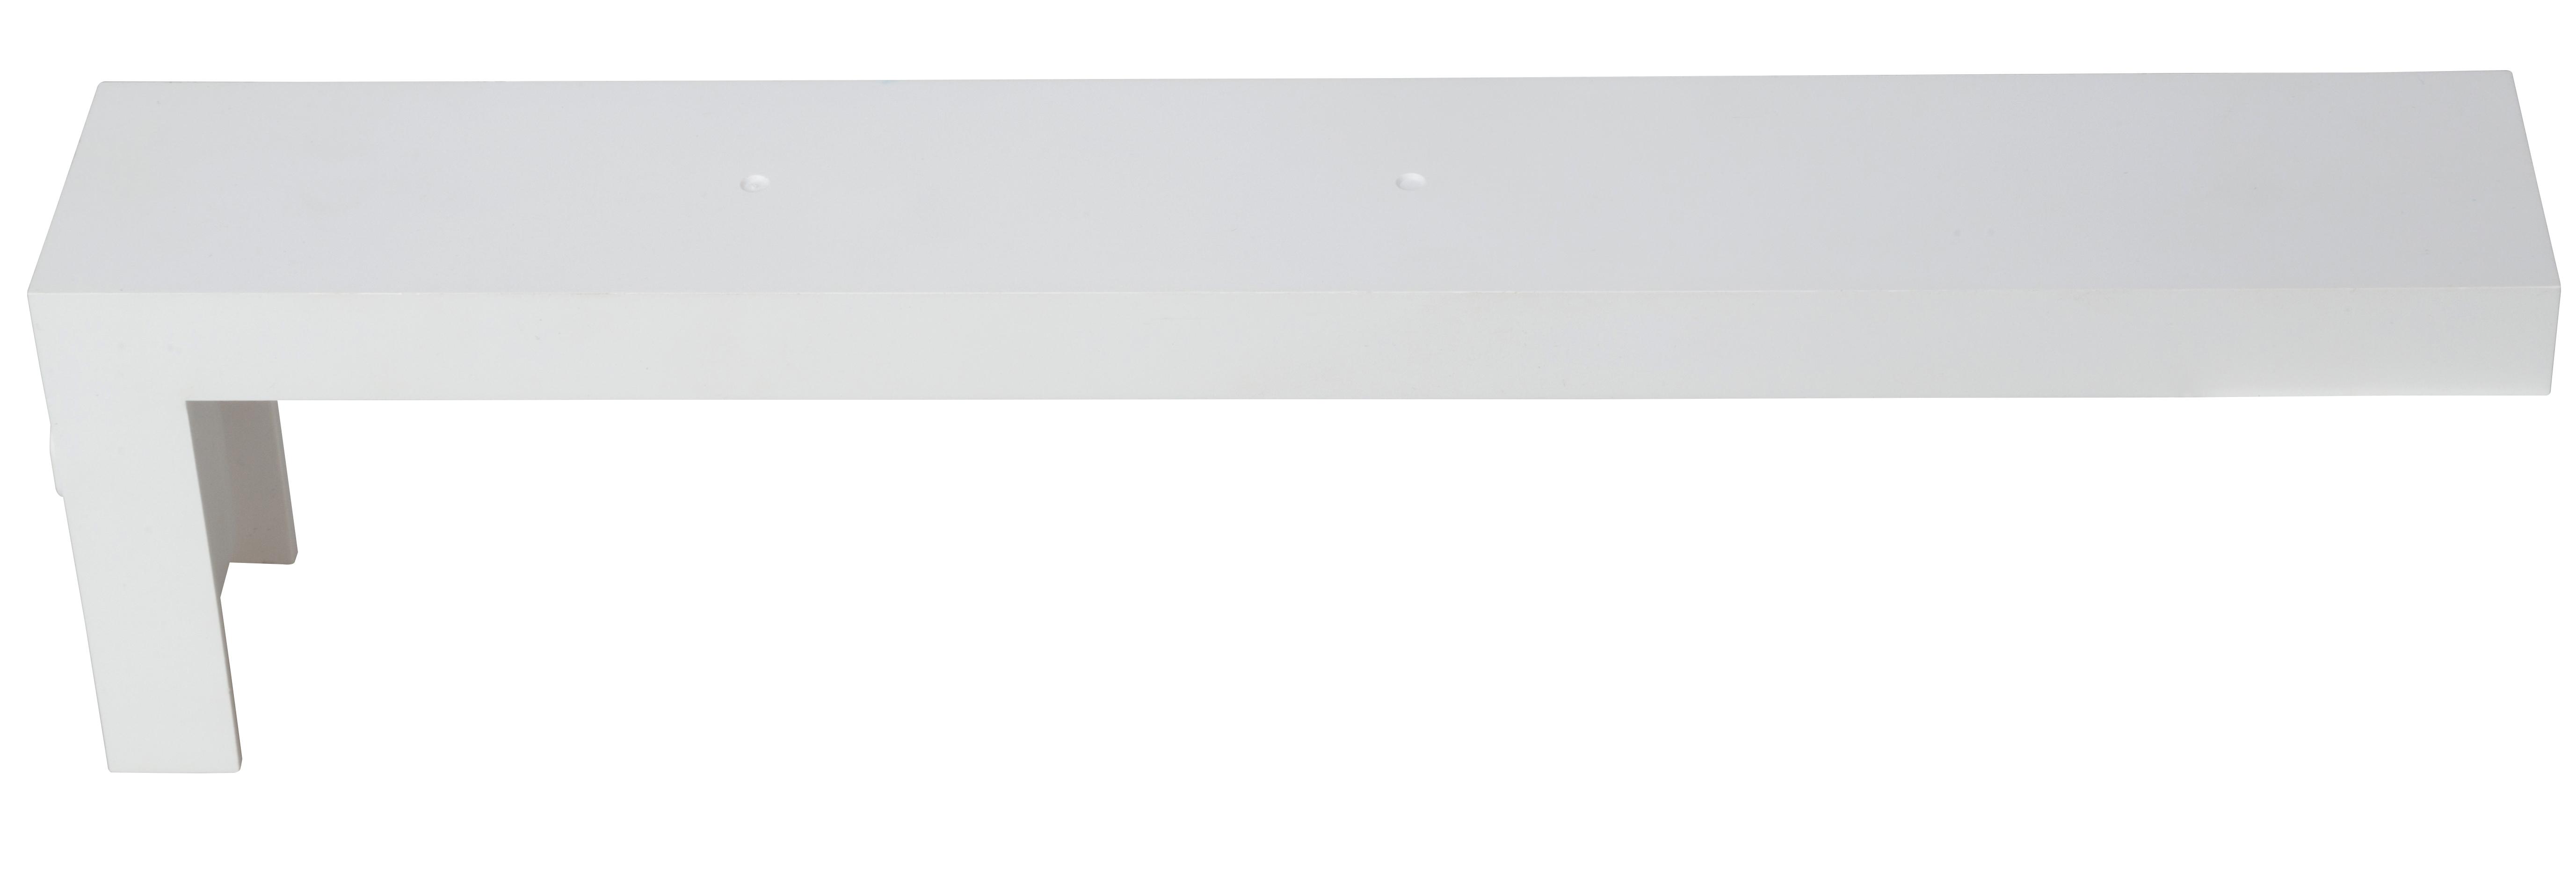 1 Stk Wandausleger weiß für Notleuchten Design K1, K2 und K3 NLK1AW----